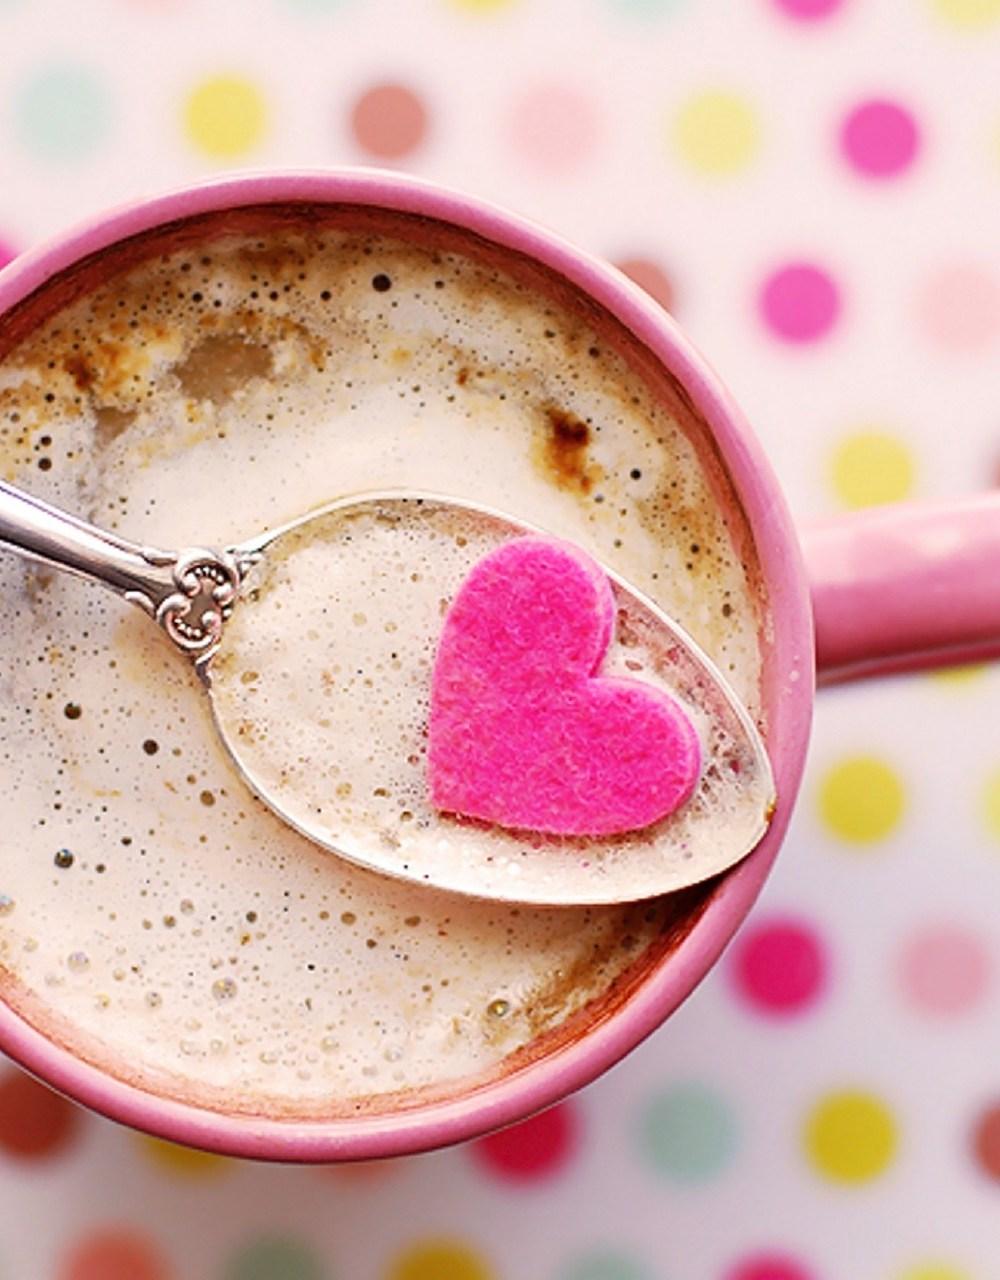 coffee, motherhood, humor